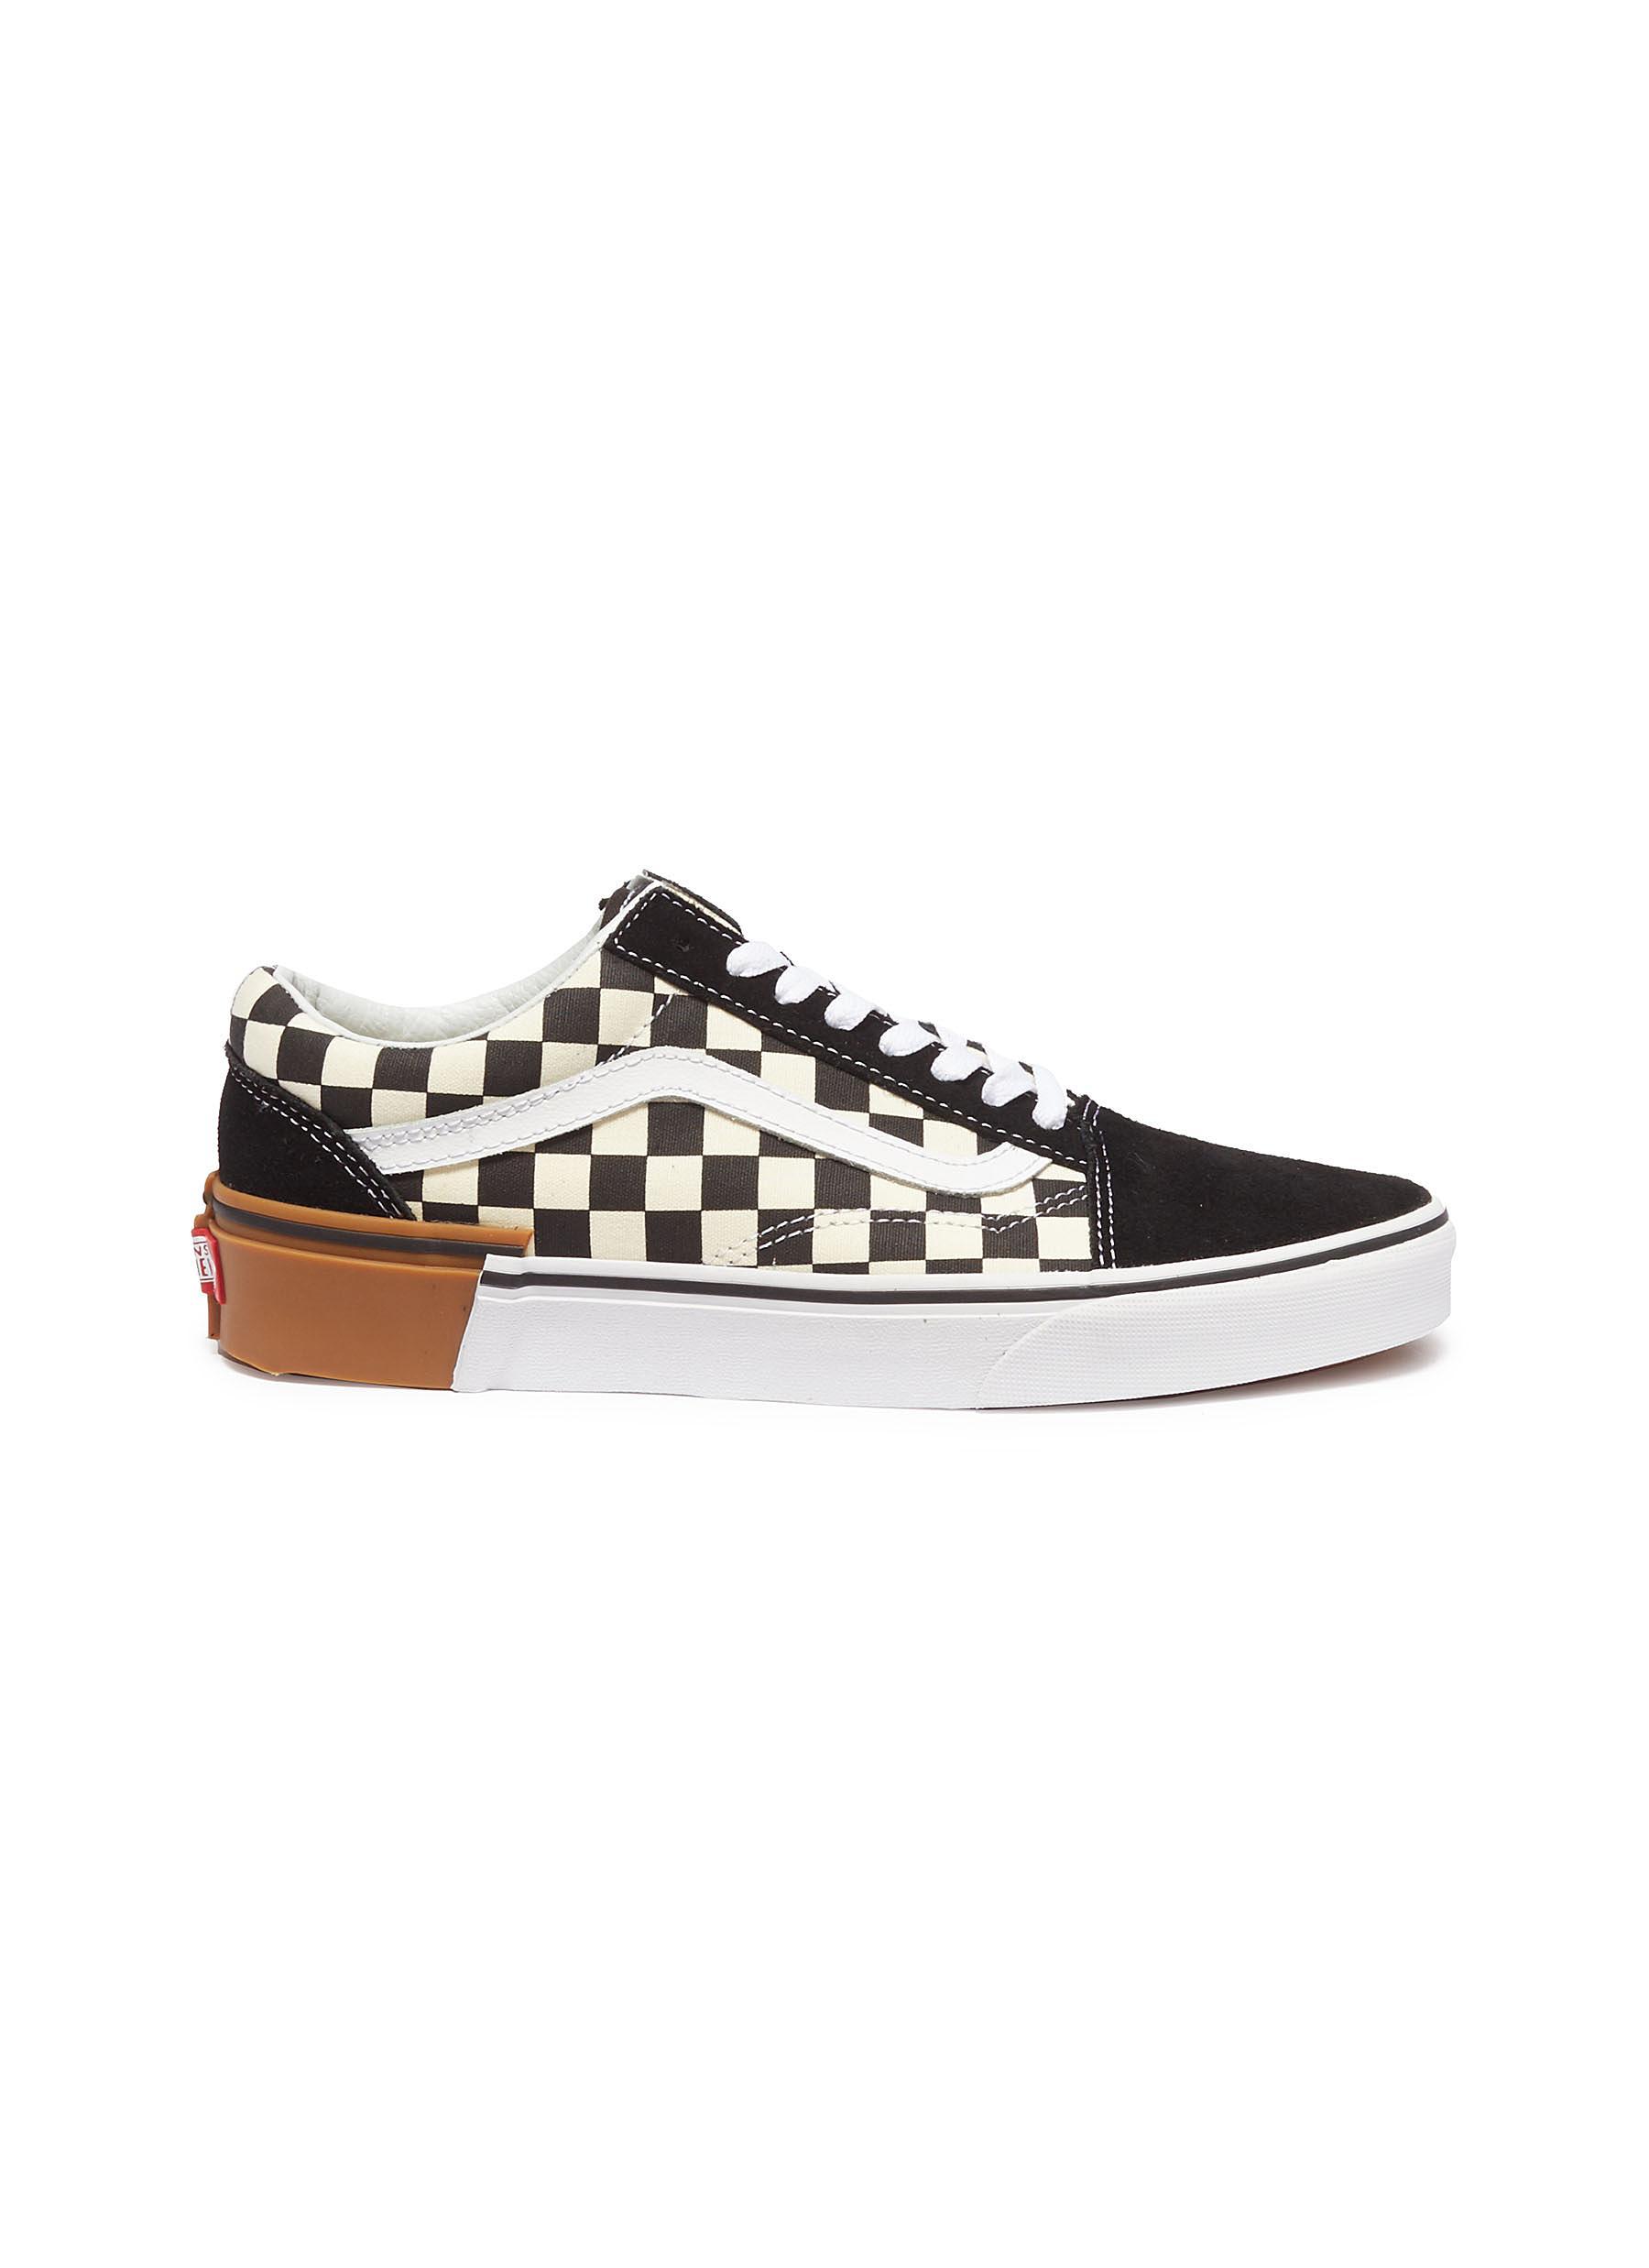 Gum Block Old Skool colourblock checkerboard sneakers by Vans